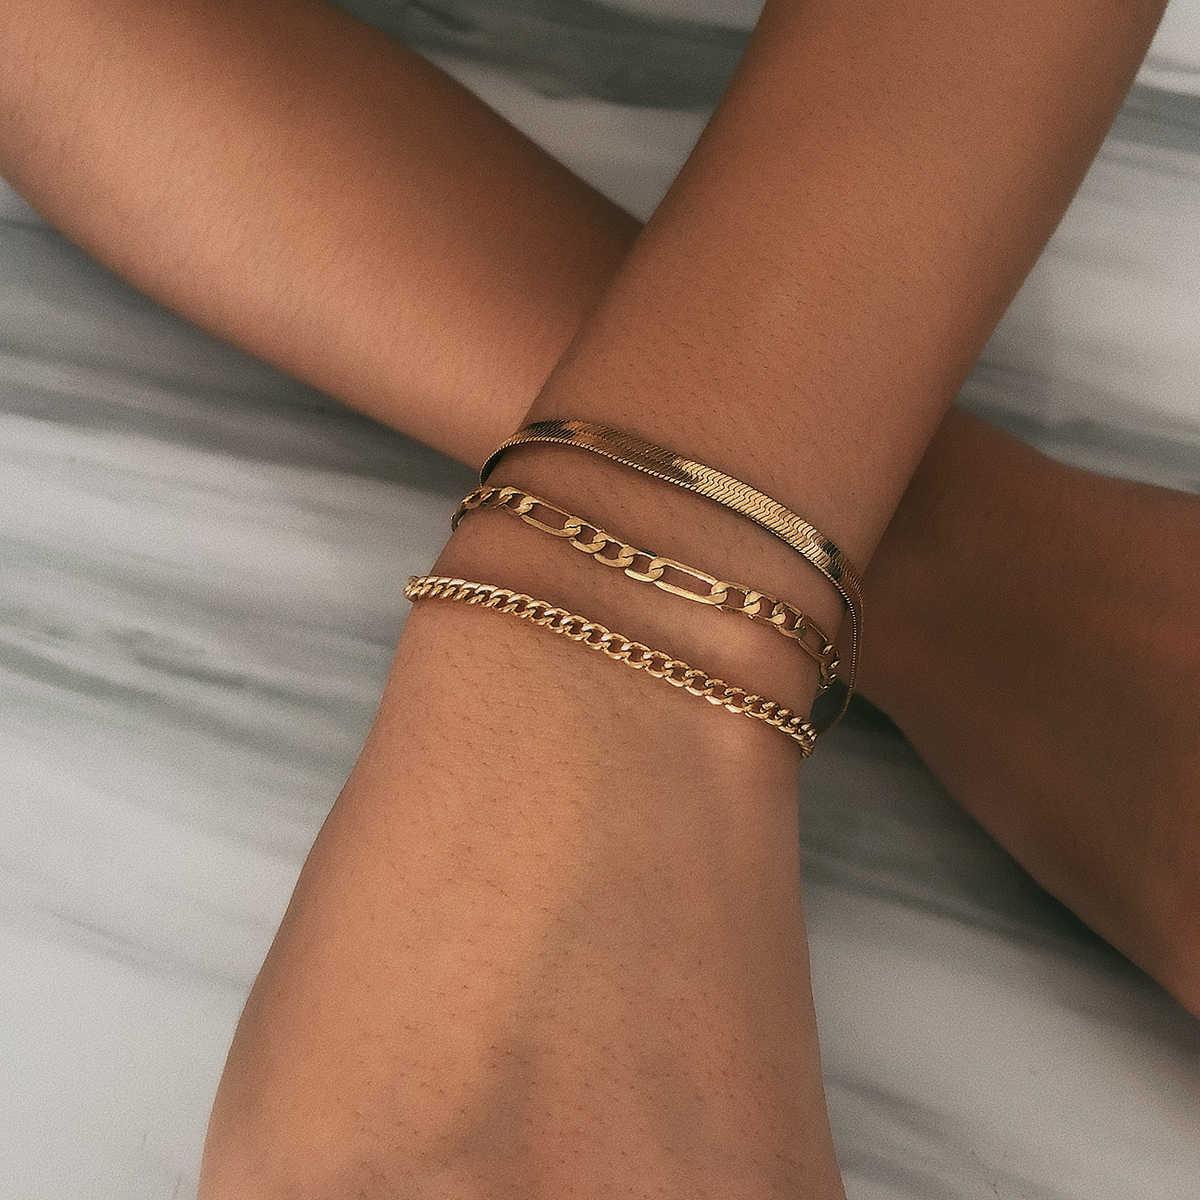 באיכות גבוהה Boho נחש שרשרת צמיד צמיד לנשים Armband פאנק רב שכבה כבד מתכת עבה שרשרת צמיד תכשיטי זוג